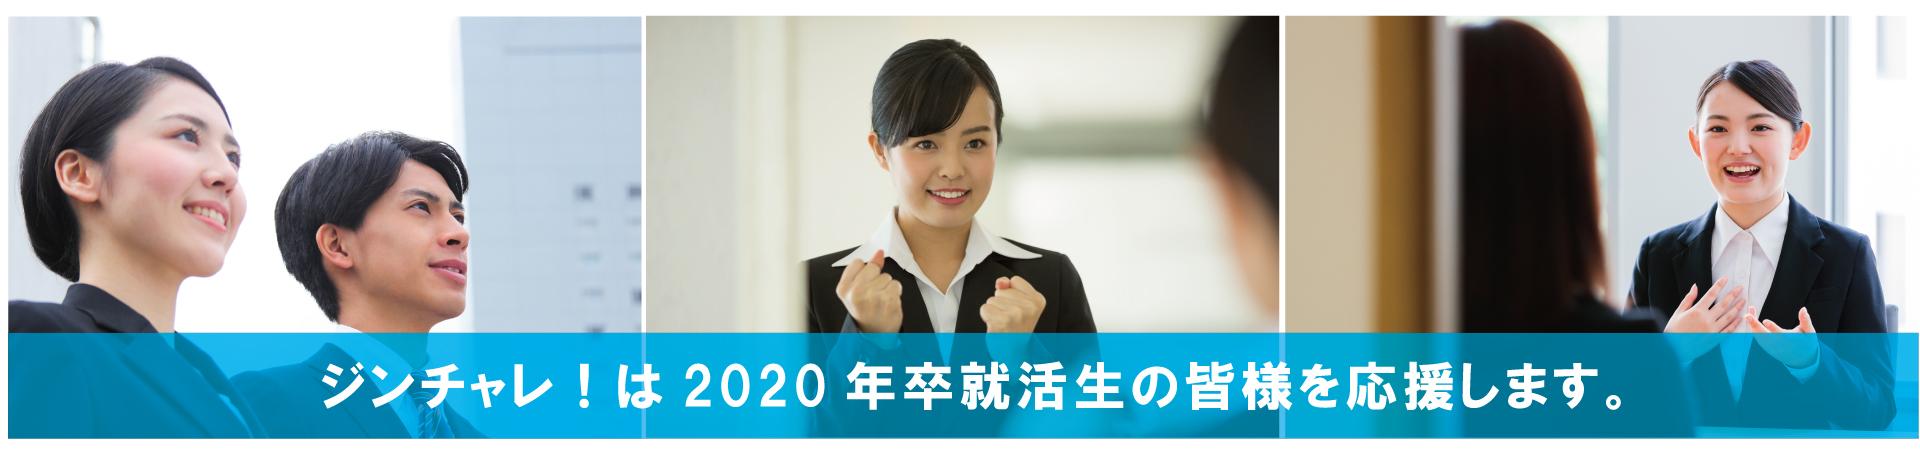 ジンチャレ!は2020年卒就活生の皆様を応援します。